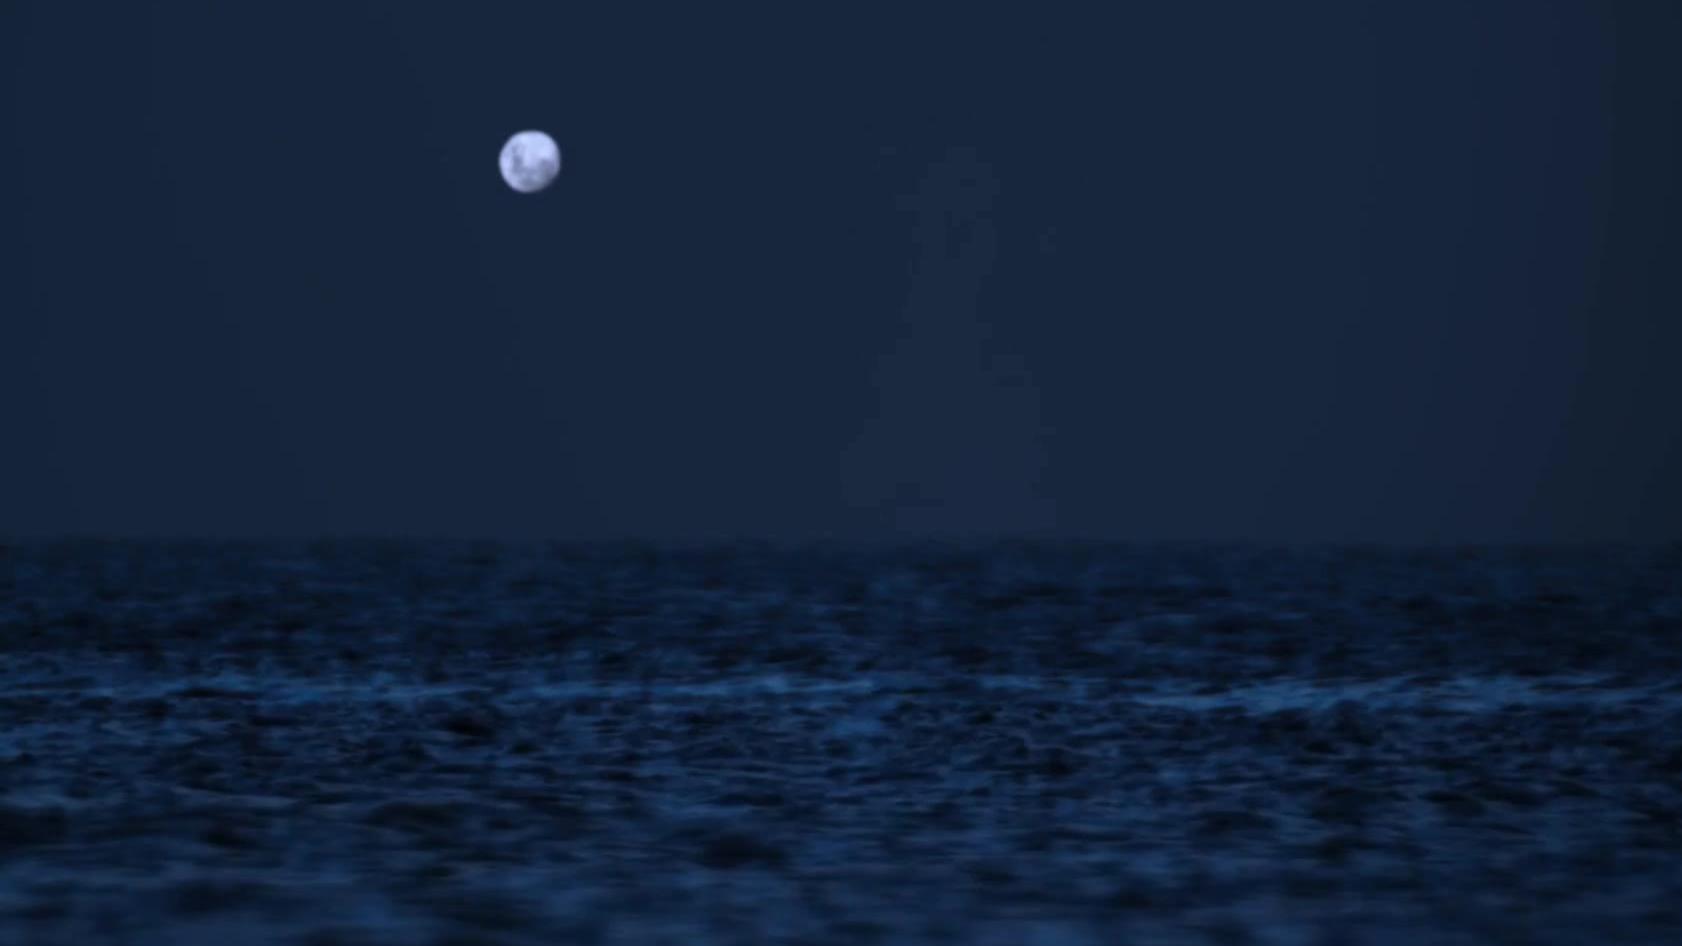 【纪录片】【地球的夜晚:黑暗的海洋】【S01E04】【1080p】【中字】【2020】